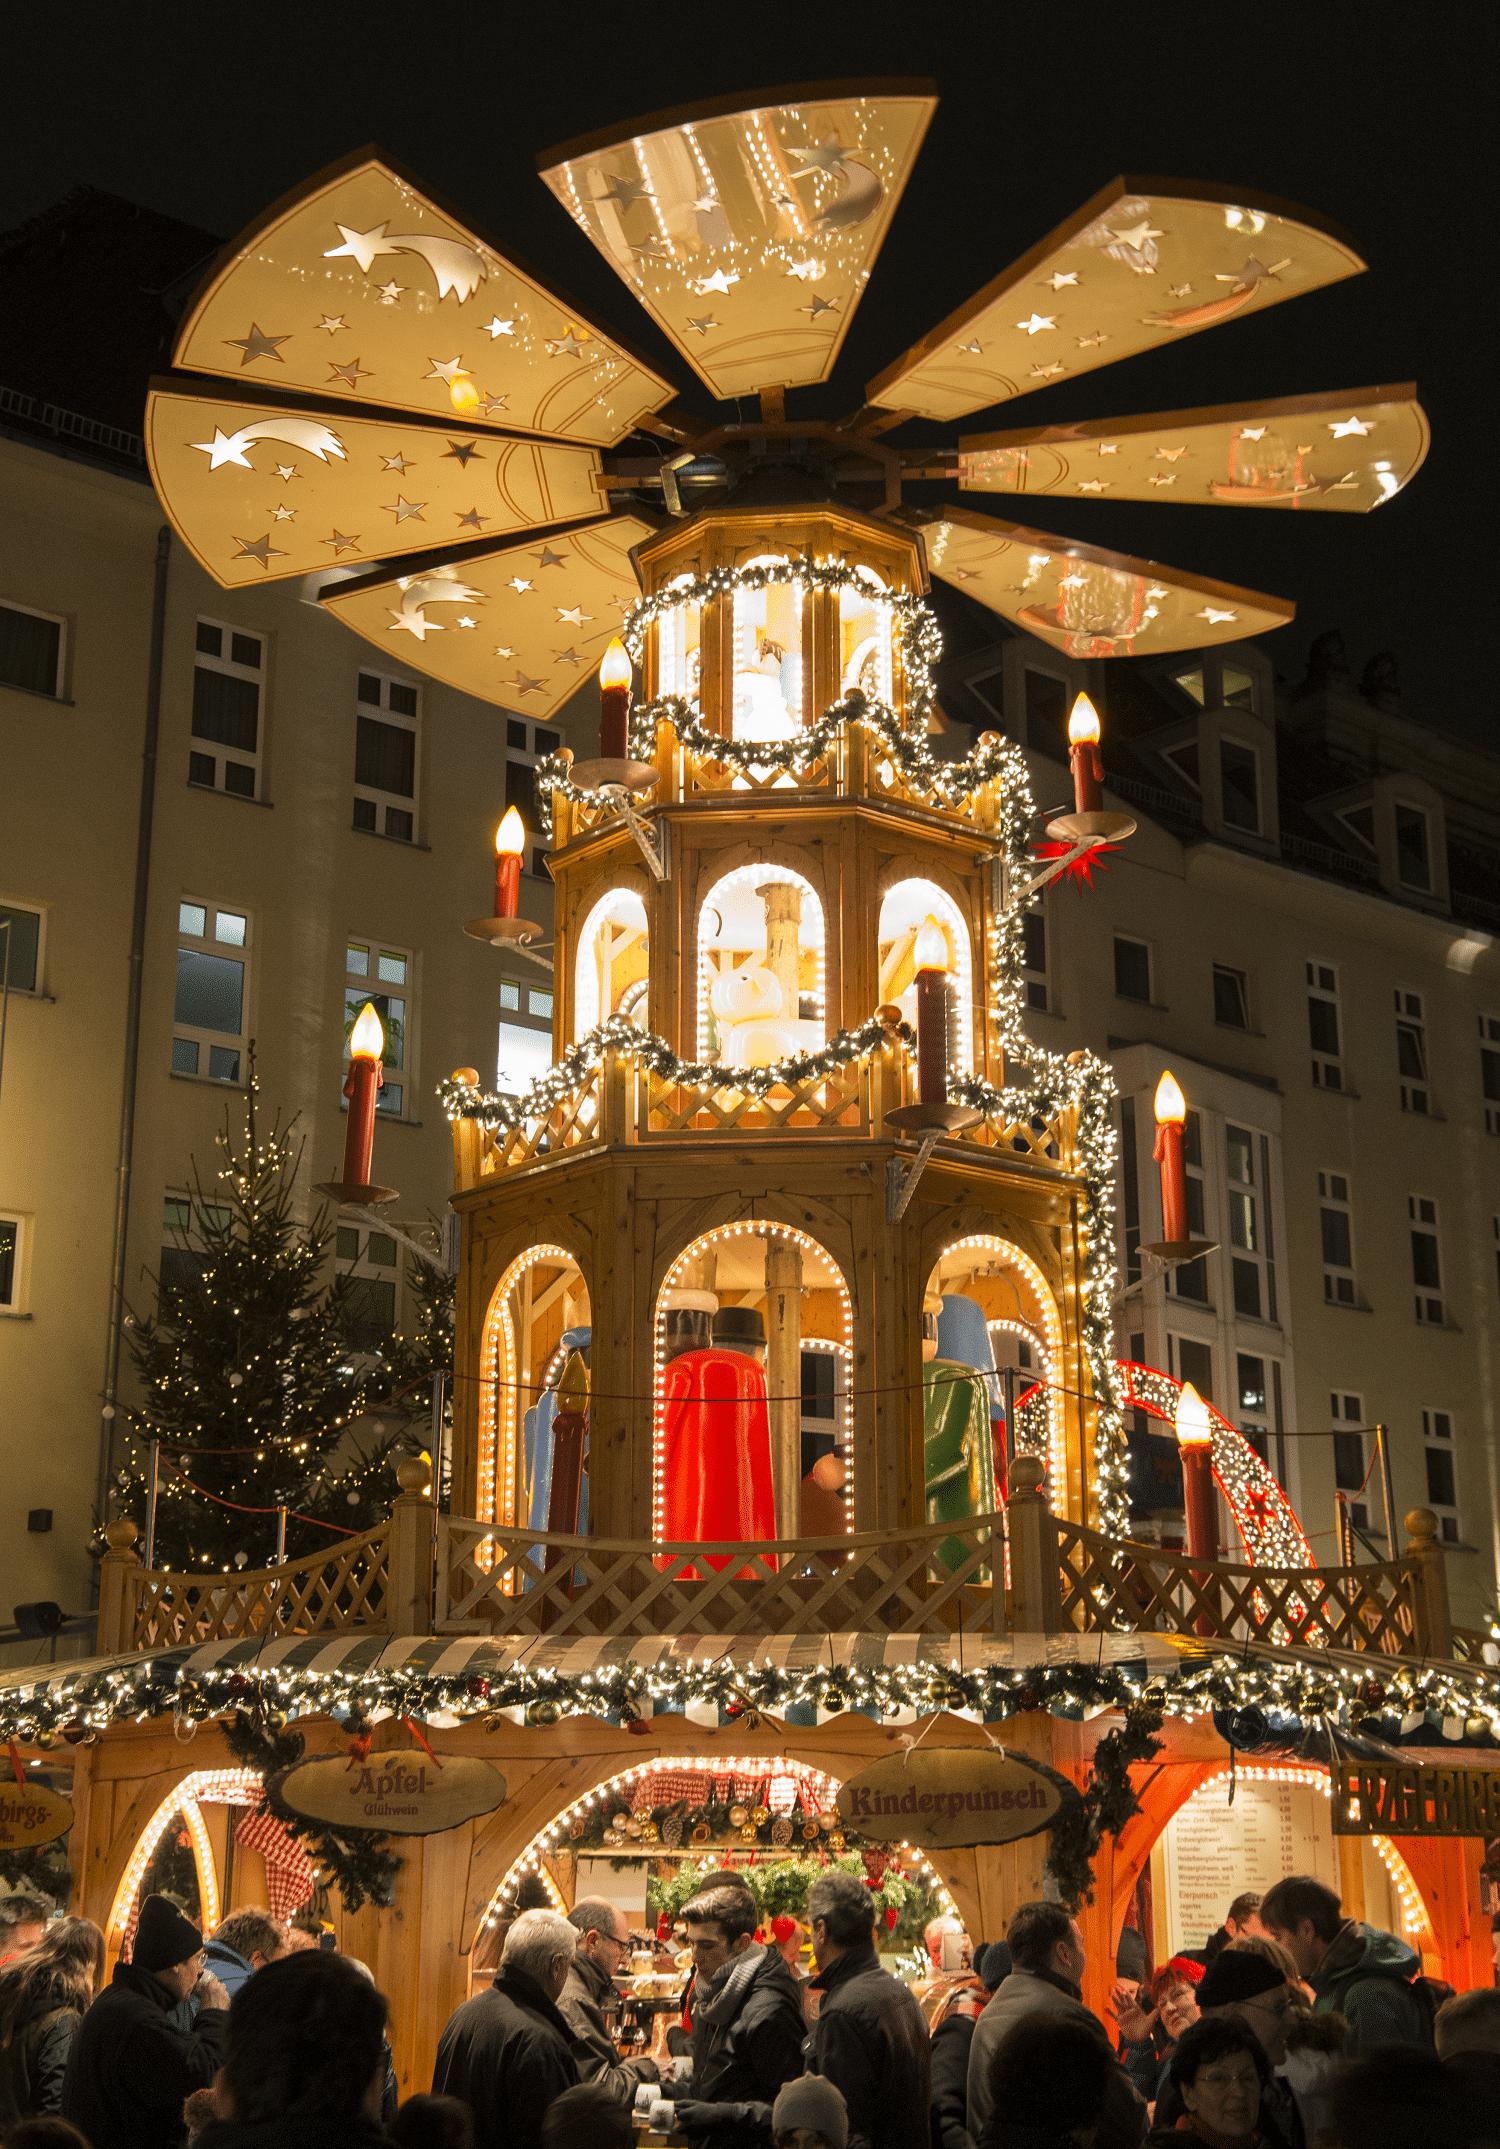 Das intergator Team wünscht frohe Weihnachten und ein gutes neues ...